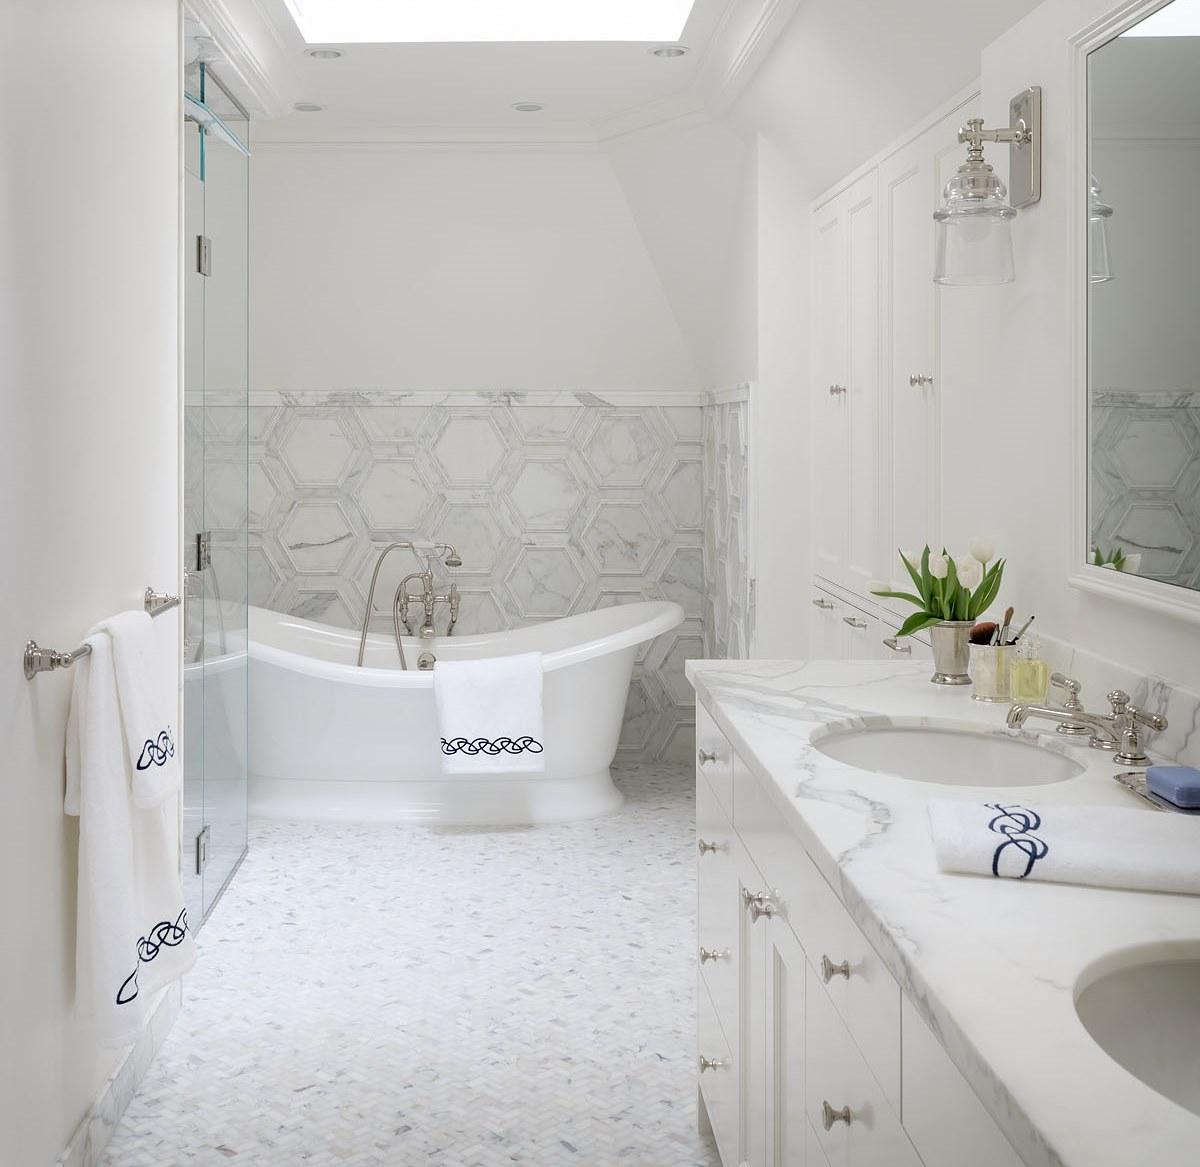 15 MWM projectblue Master Bath.jpg